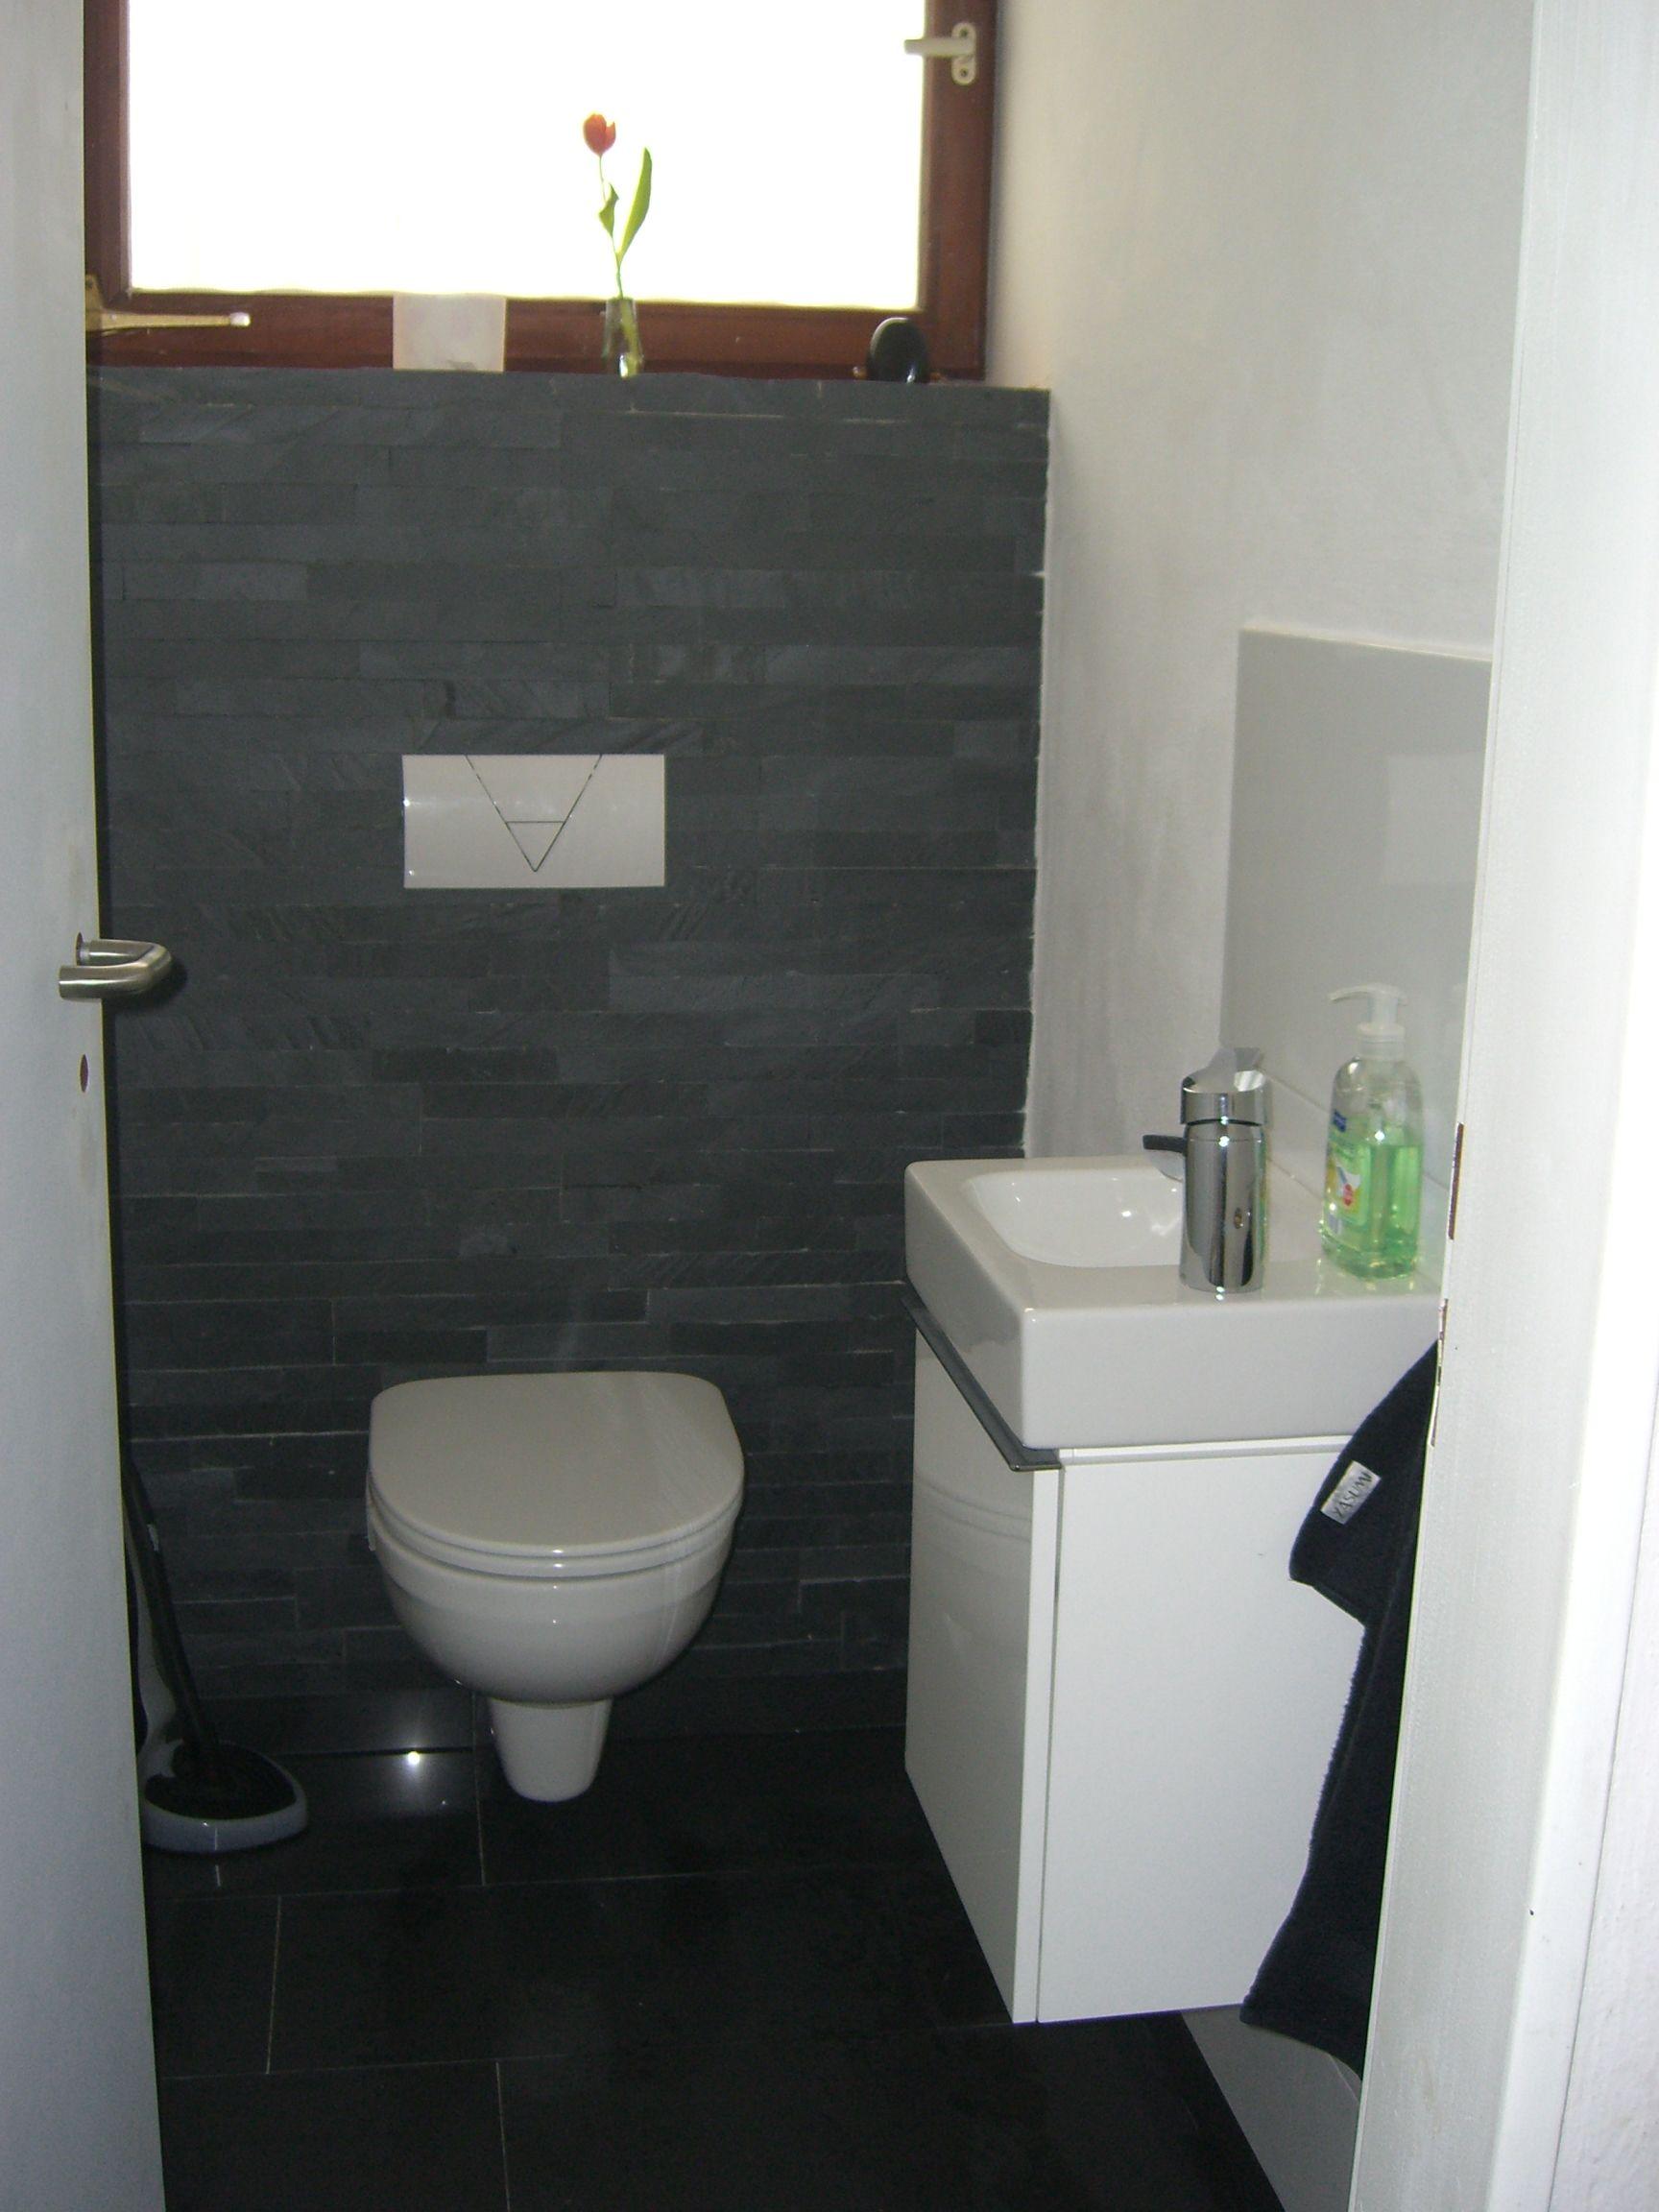 Toilette - aus alt mach neu ;-) | Bad | Toiletten, Aus alt mach neu ...